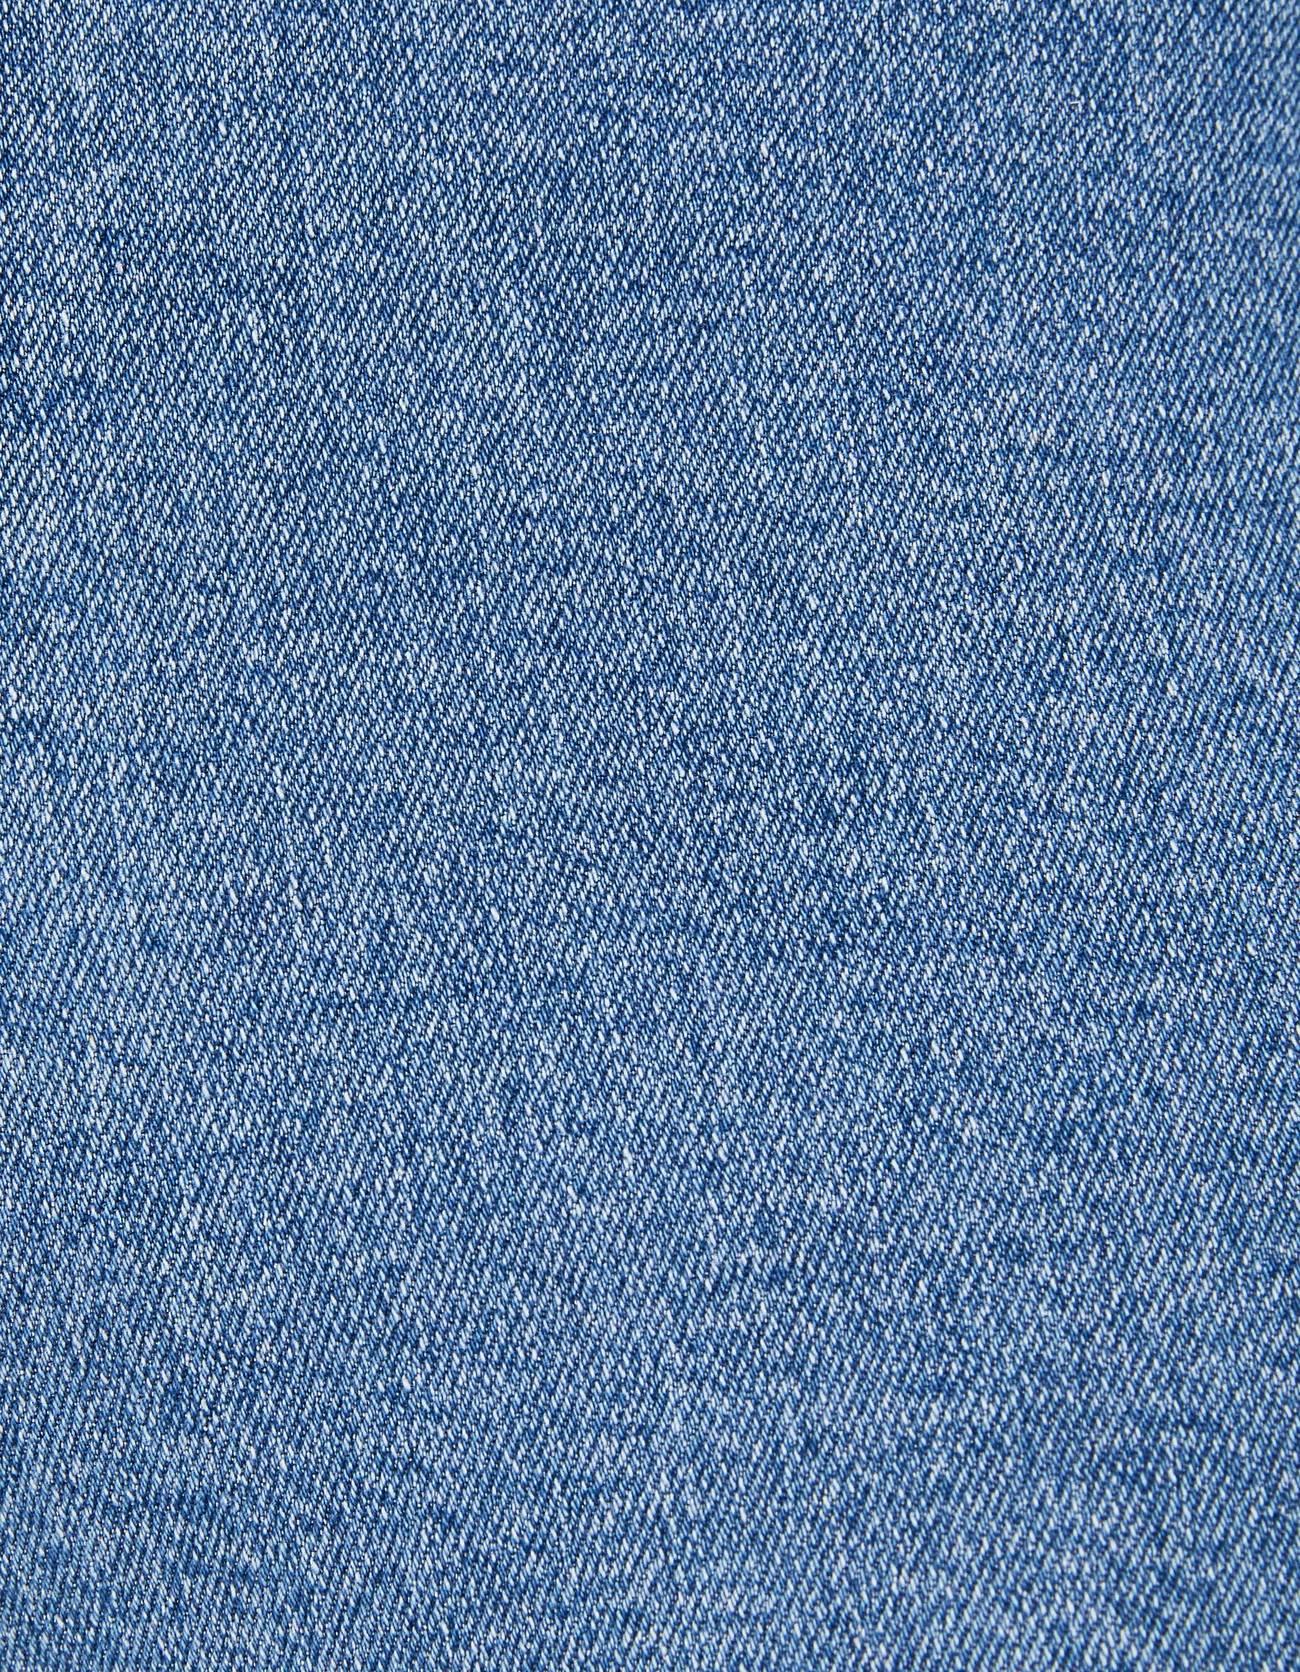 Джинсовые шорты с высокой талией и отворотами Голубой Bershka